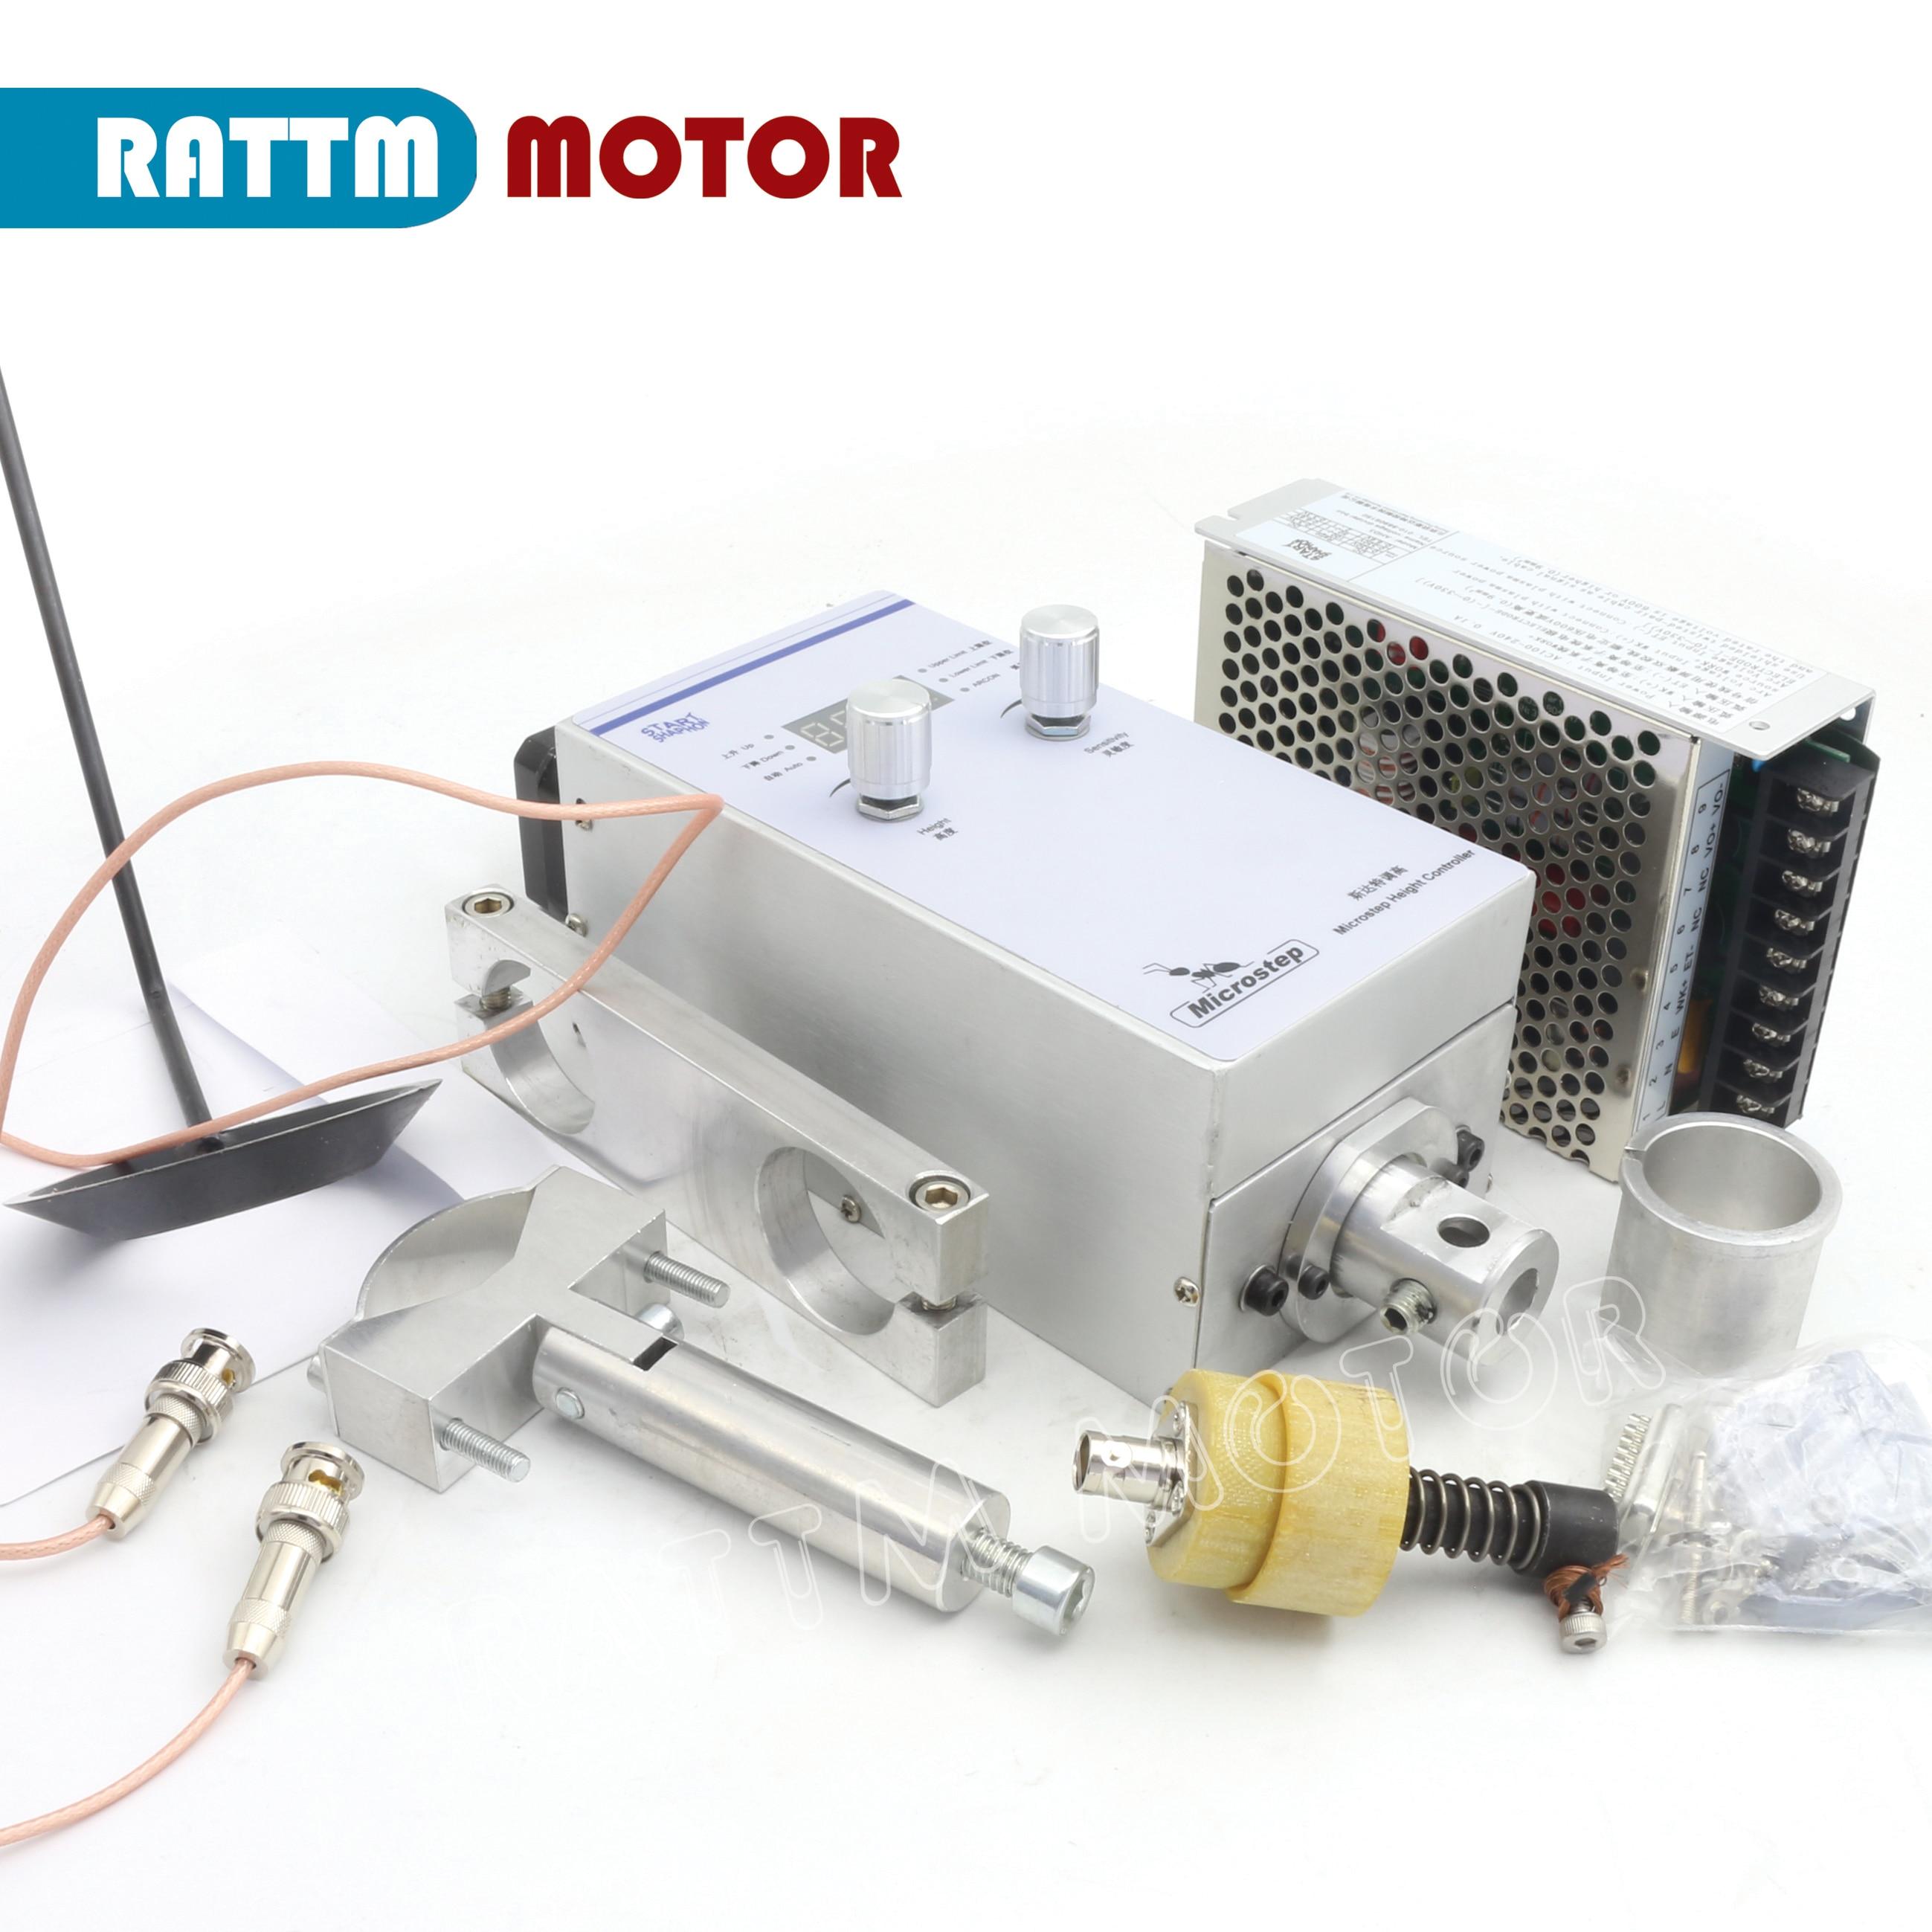 EU Lieferung!! Automatische Arc spannung plasma fackel höhe controlle für CNC Plasma schneiden maschine